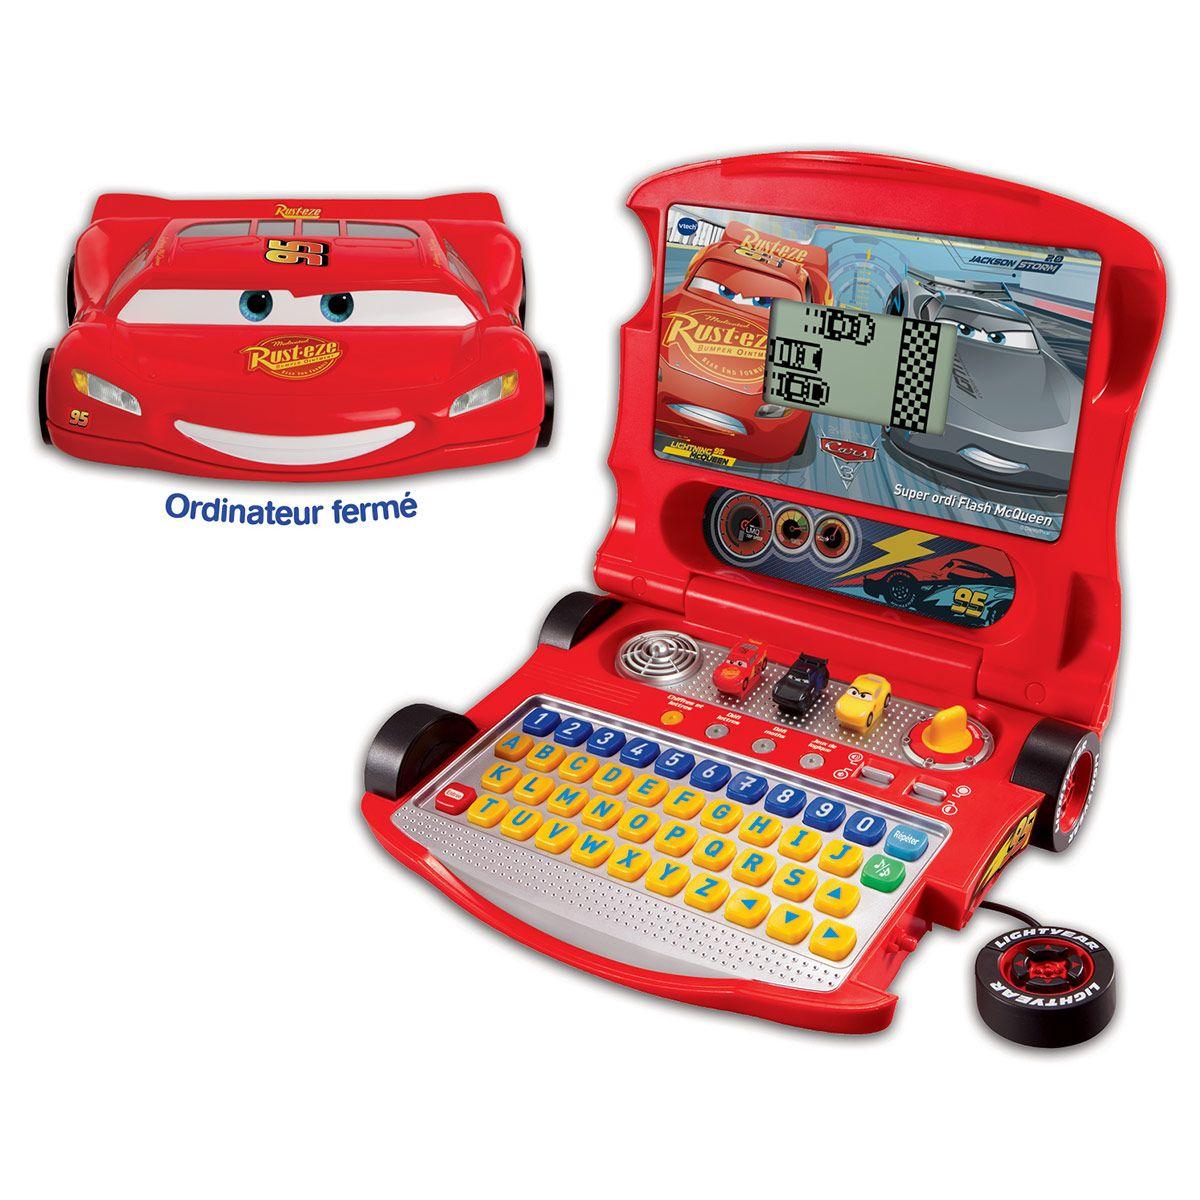 Cars 3 : Super Ordi Flash Mcqueen - Jeux Éducatifs - La tout Ordinateur Educatif 3 Ans